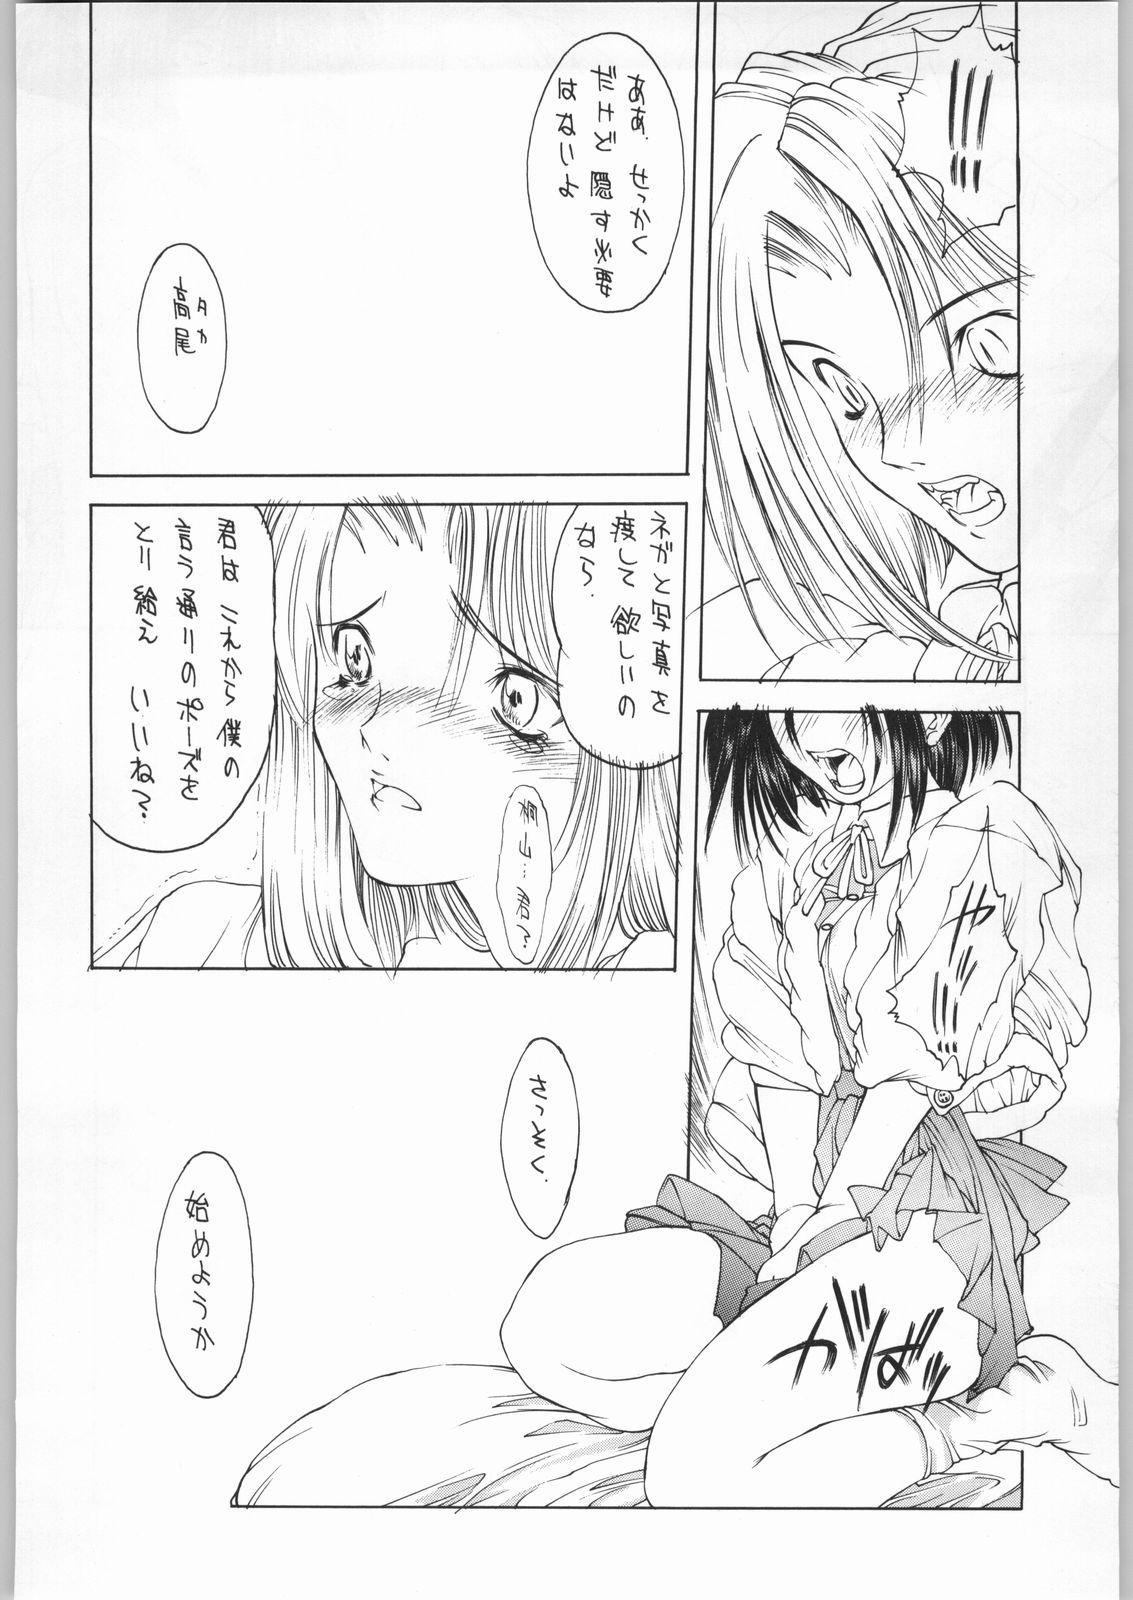 Ero Manga Kenkyuujo FIRE 24